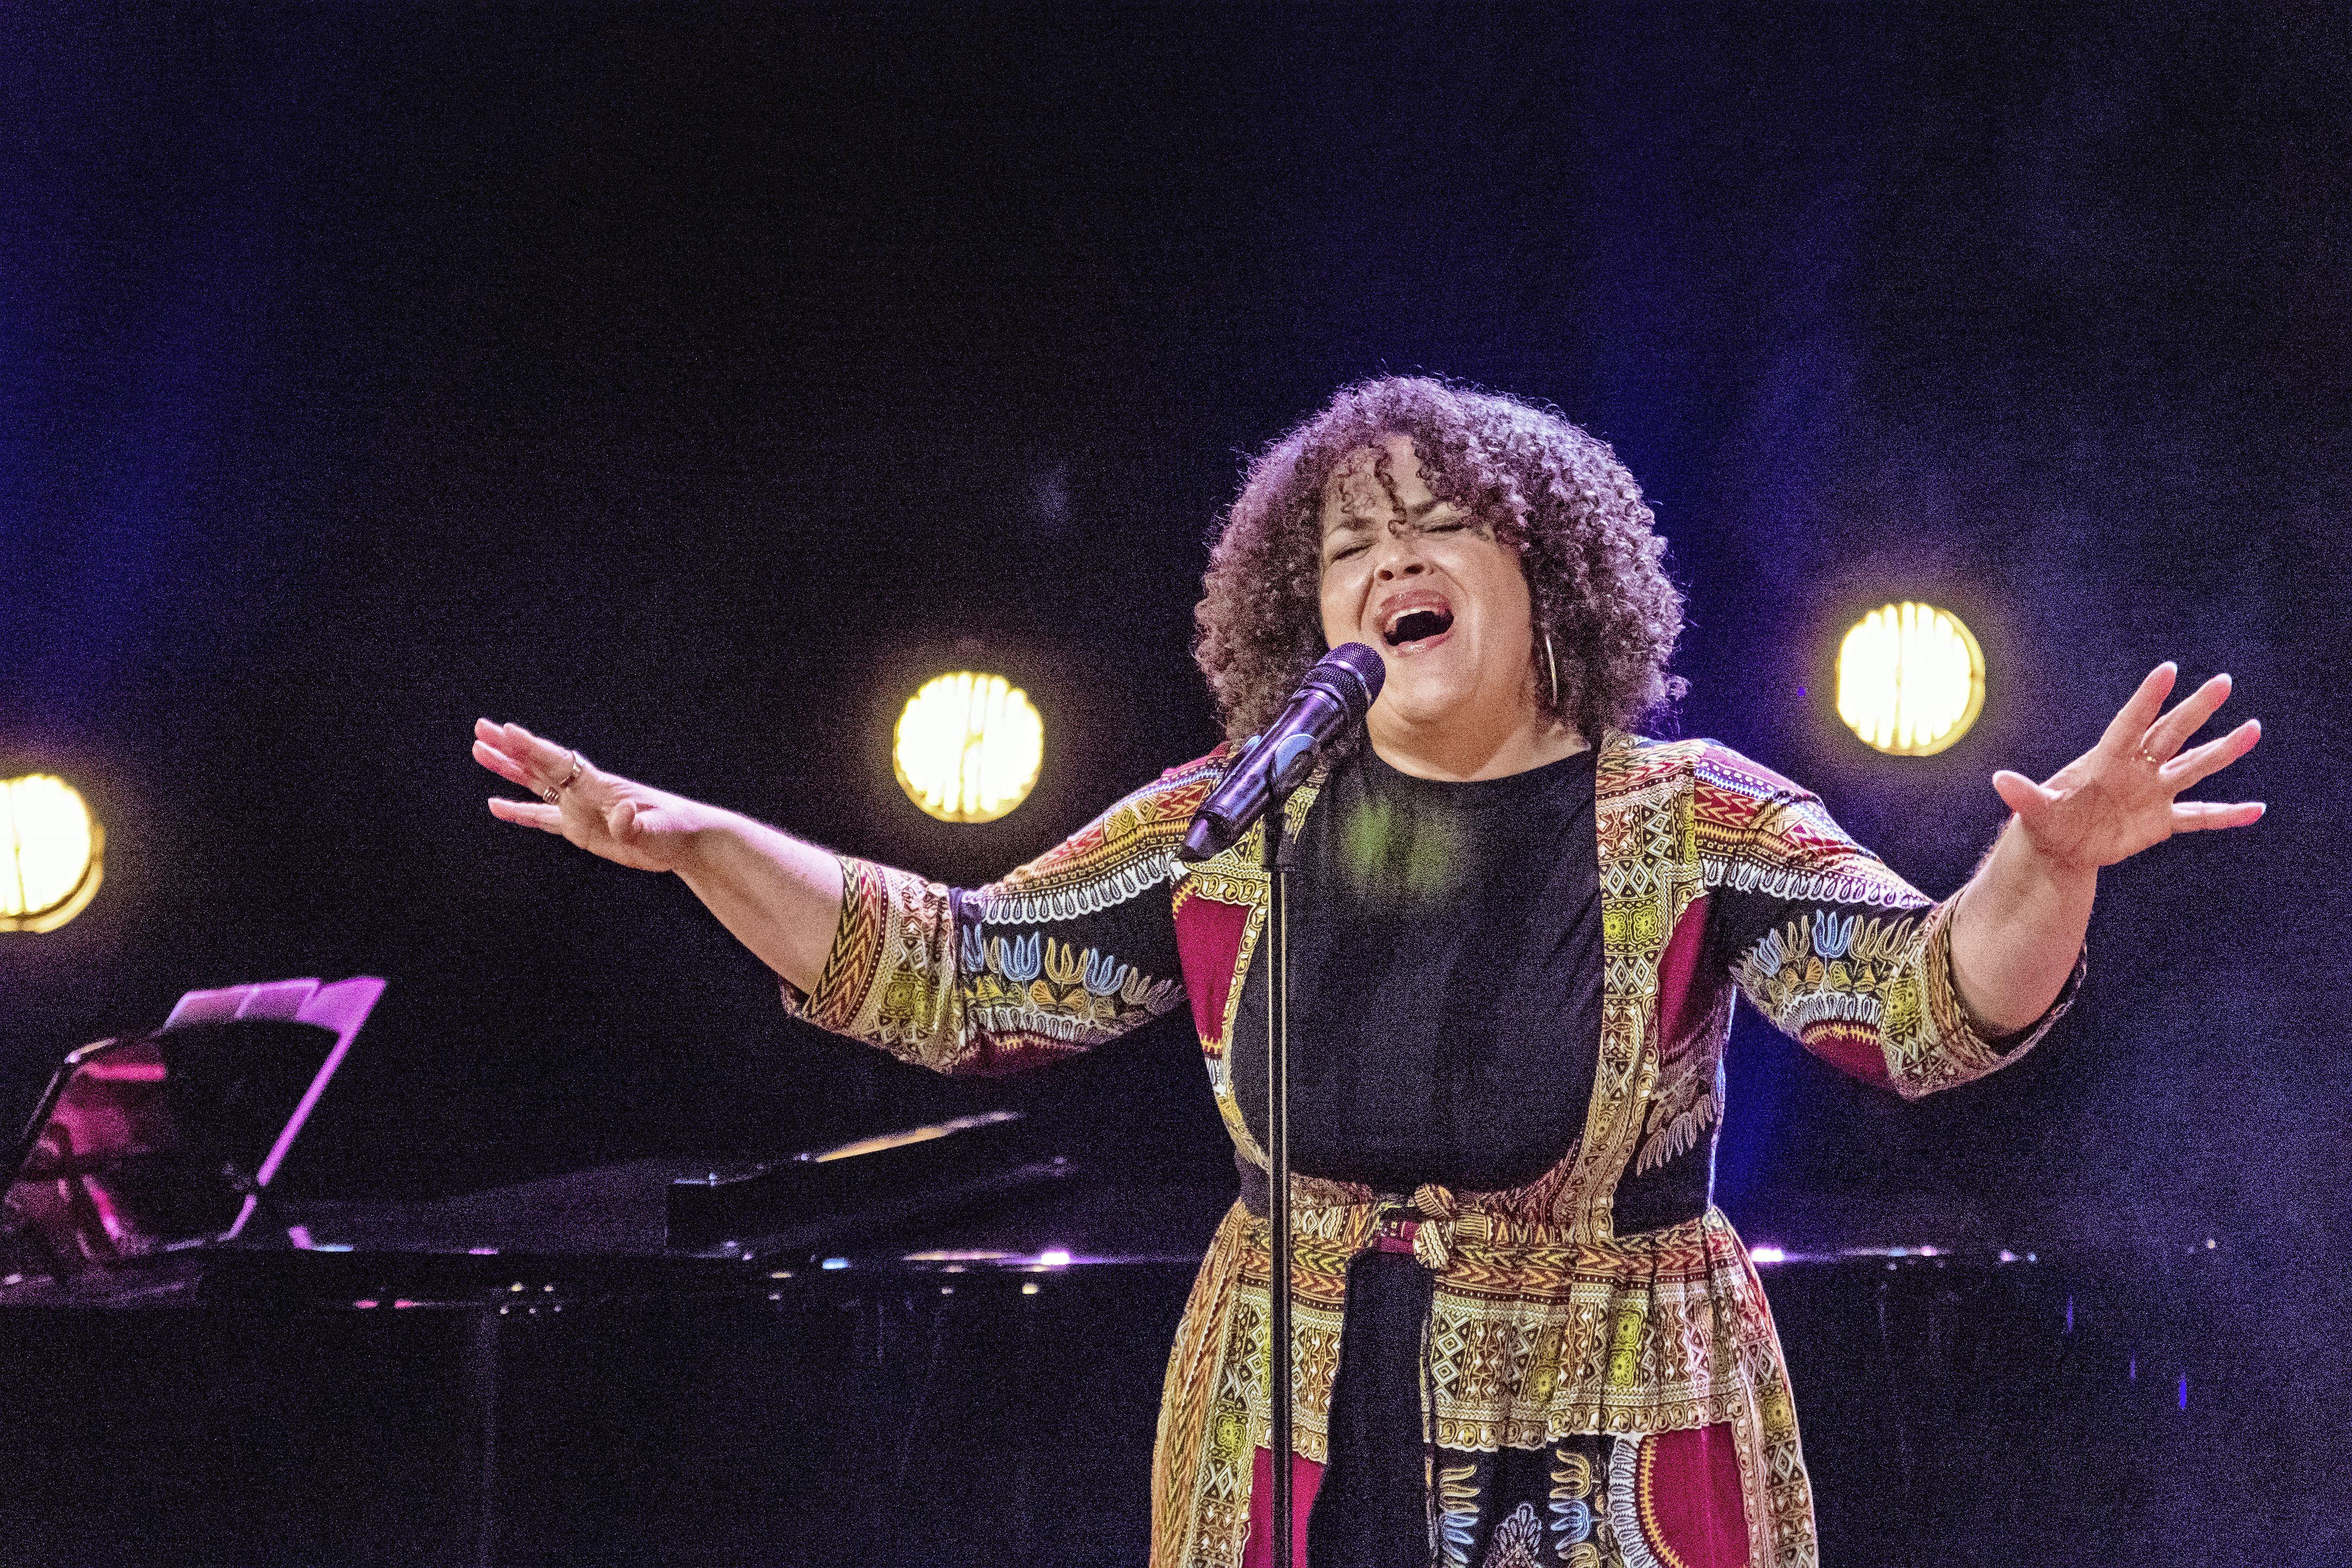 Zaanse artiesten zingen over oorlog en vrijheid: 'Zolang we oordelen over een ander, zijn we niet vrij'